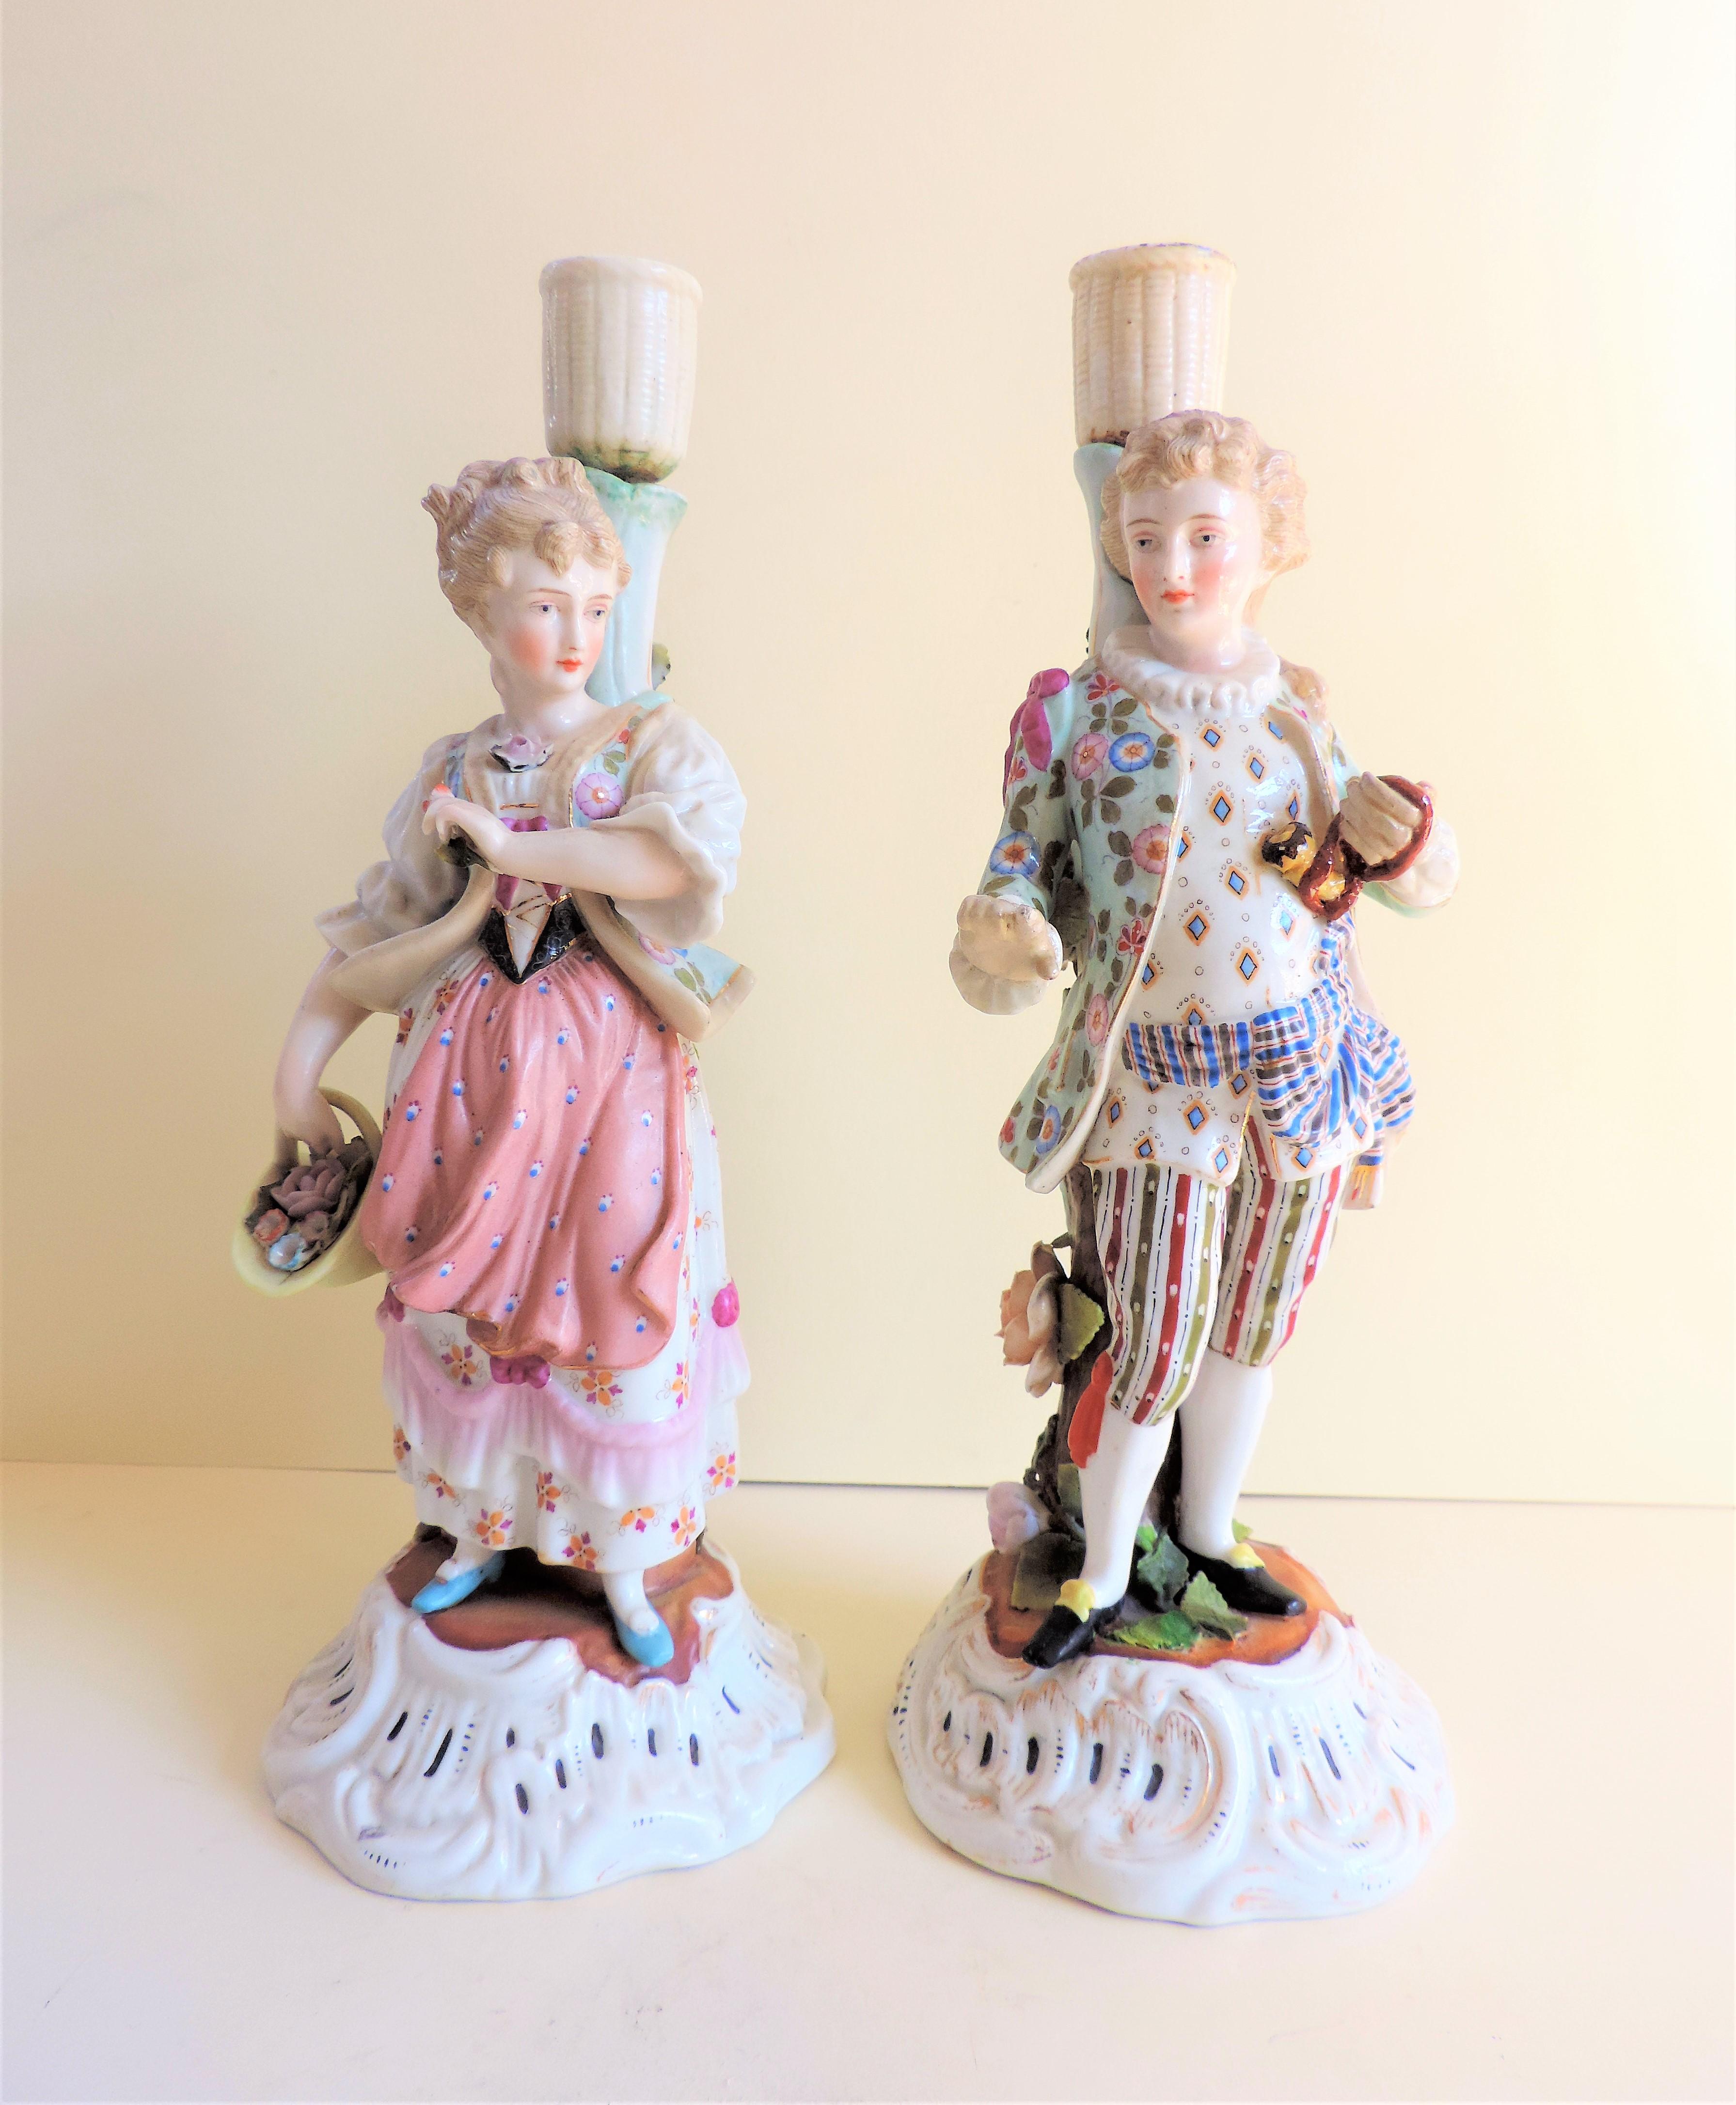 Pair Antique Sitzendorf Porcelain Candlesticks circa 1810 - Image 2 of 10